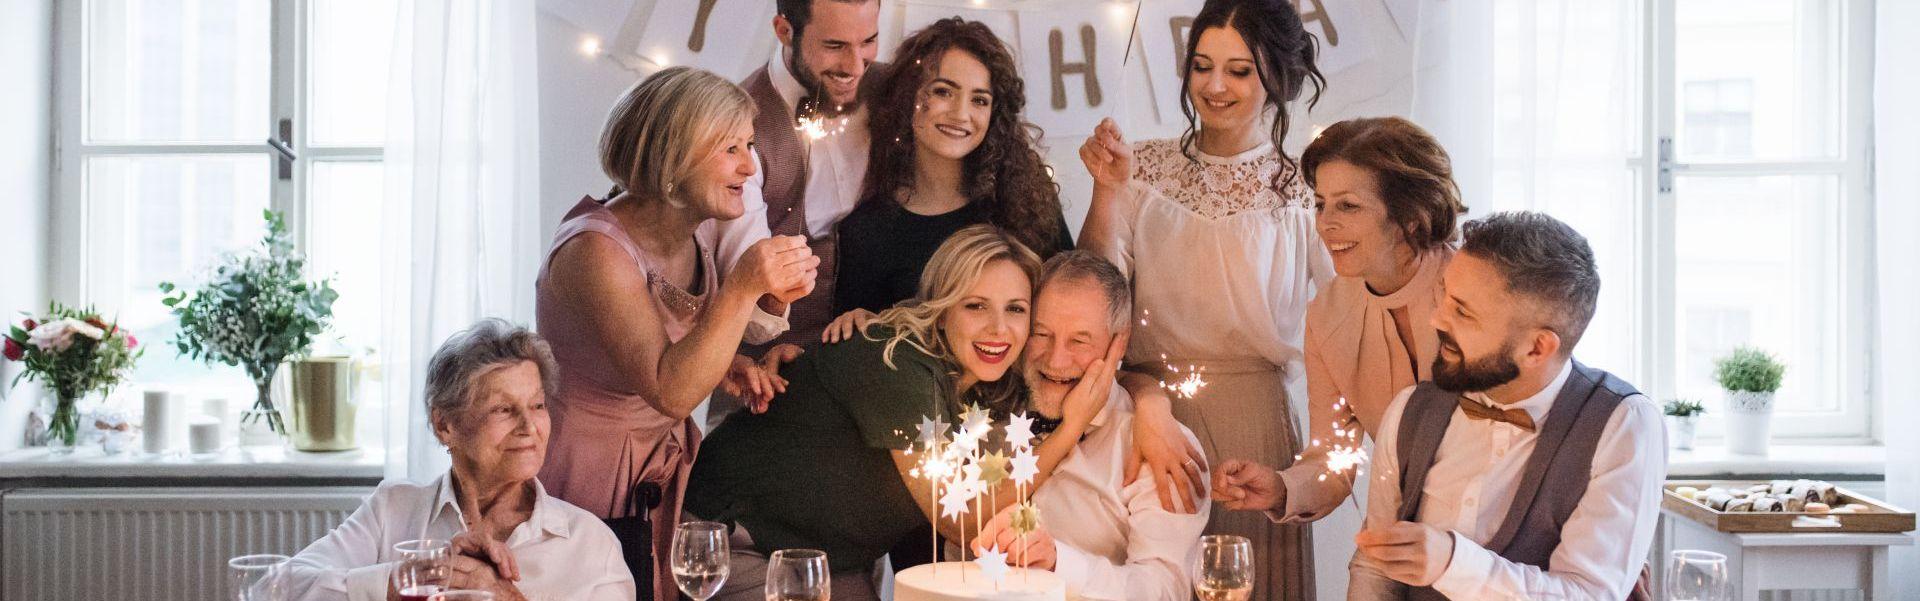 Feiern Bielefelder Hof Geburtstag